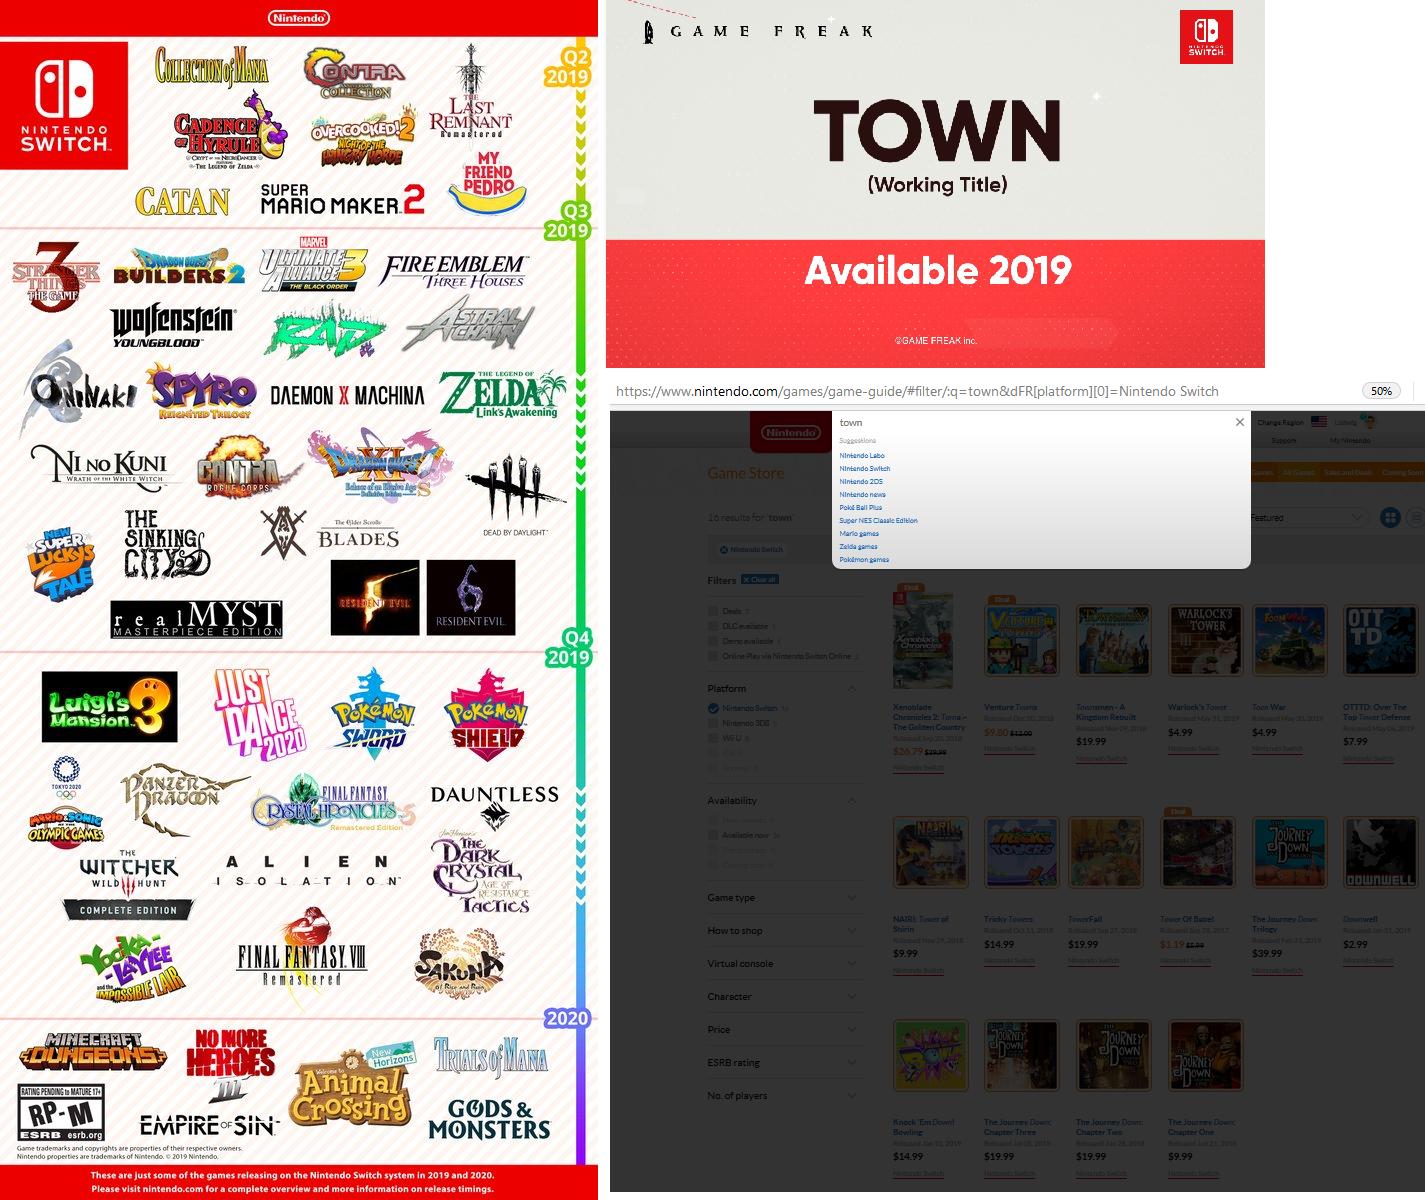 E3 2020 Games List.Koopatv Where Was Town At E3 2019 The True Game Freak